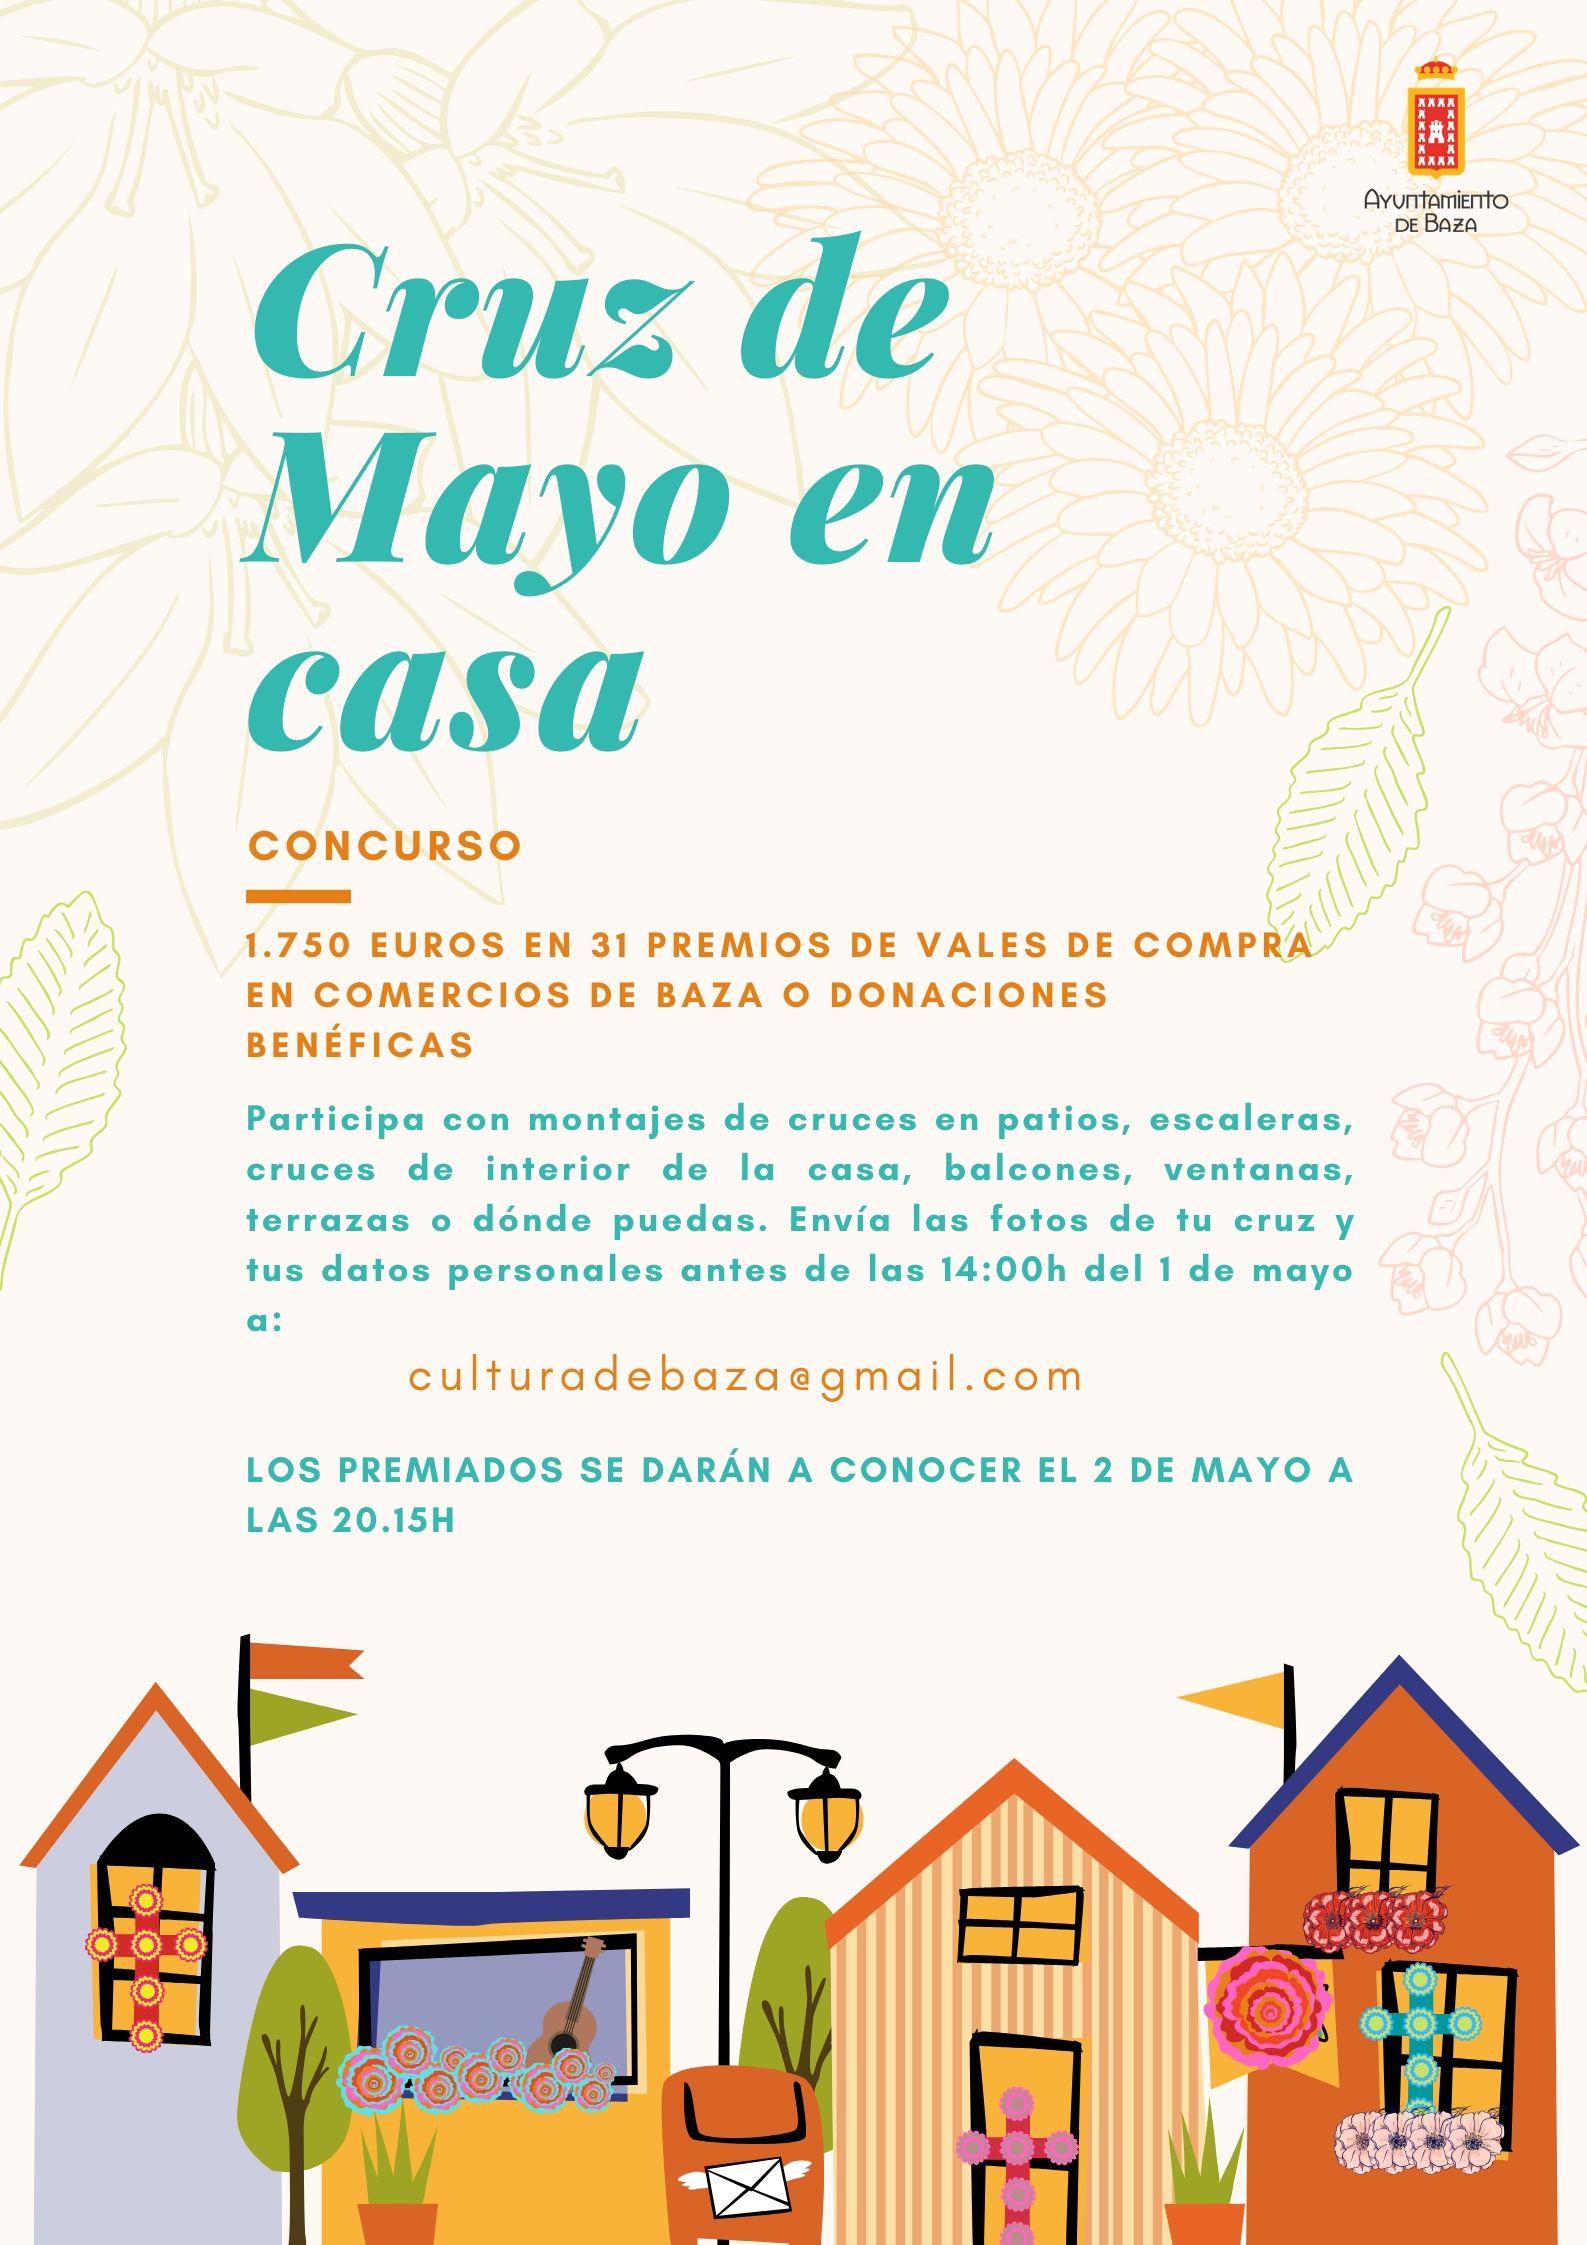 Cartel Cruces de Mayo en Casa. Baza 2020